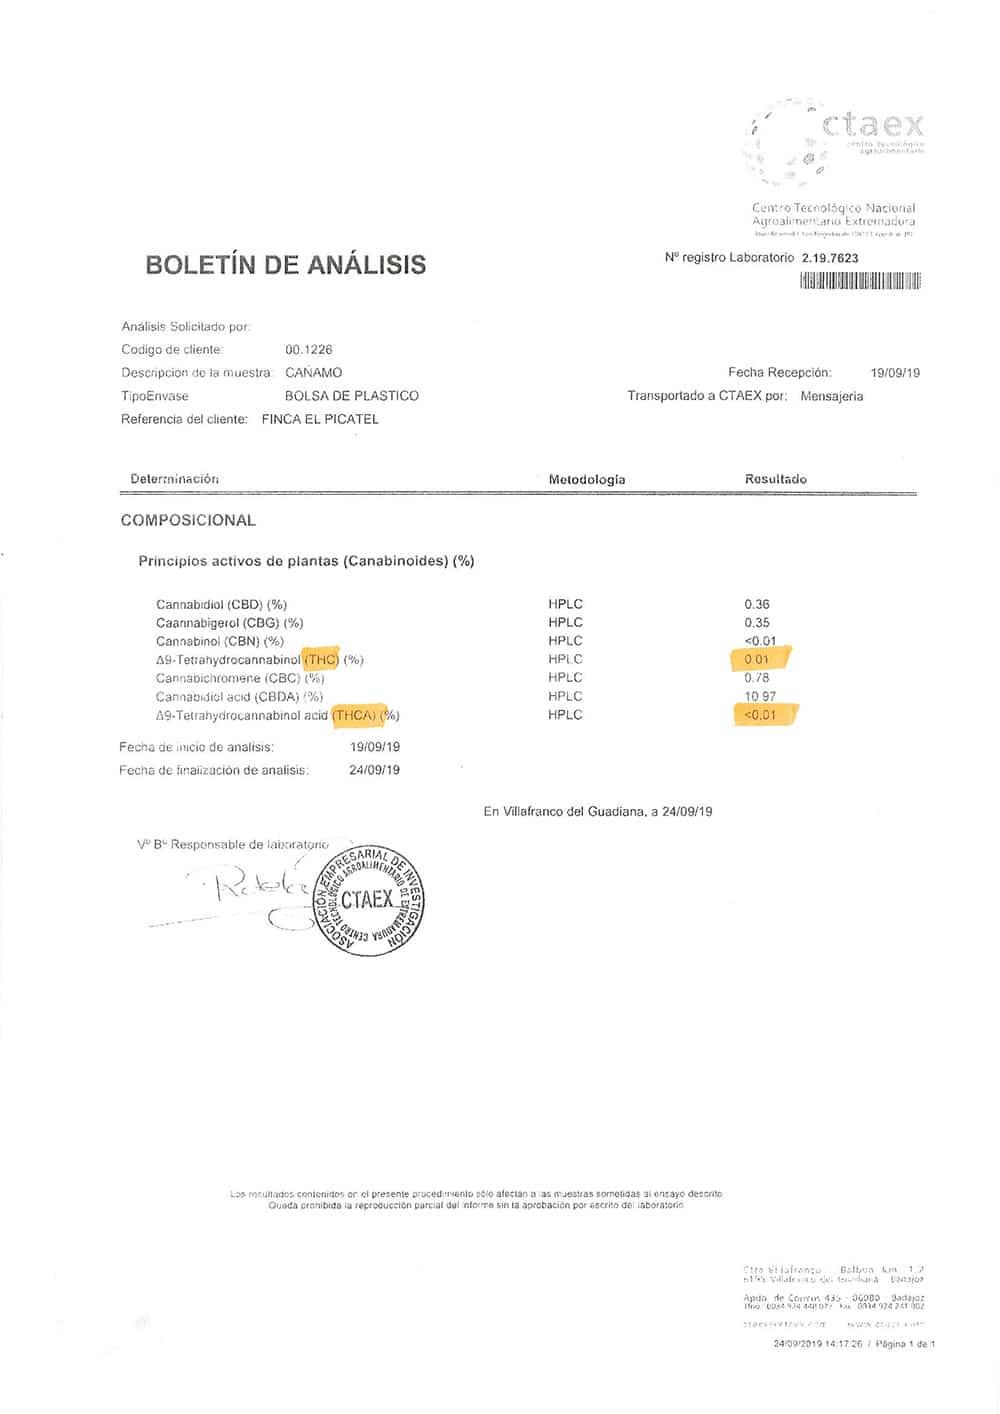 Lab report for Kompolti